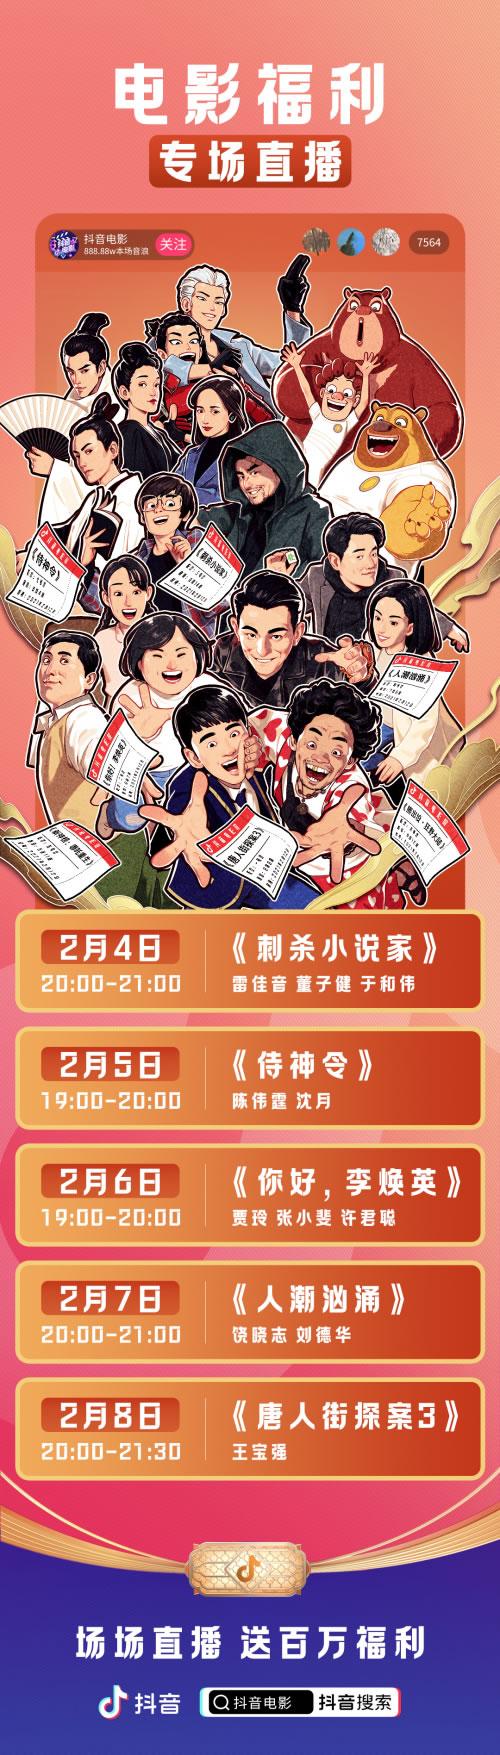 抖音春节电影活动收官,群星邀你组队抢票